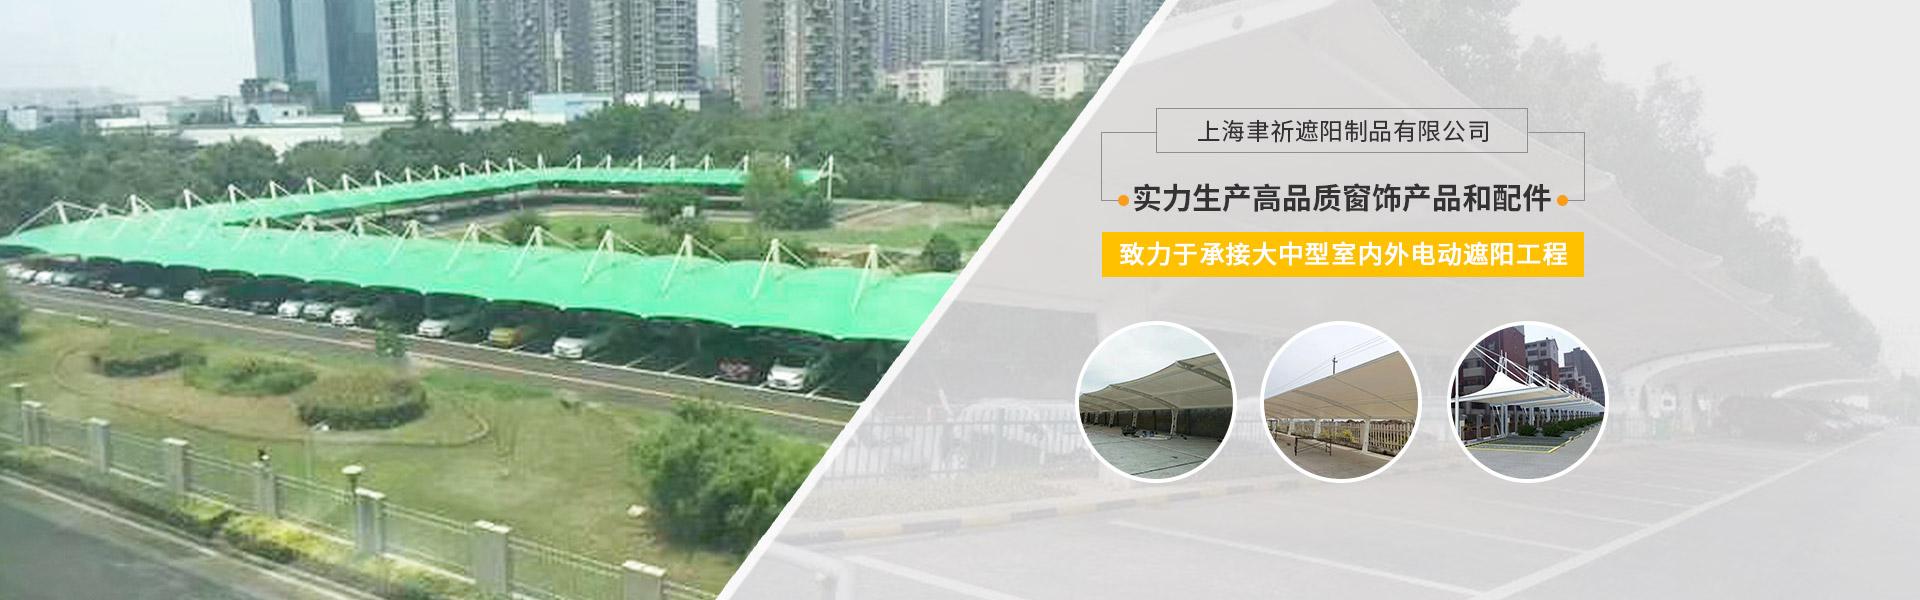 上海聿祈遮阳制品有限公司